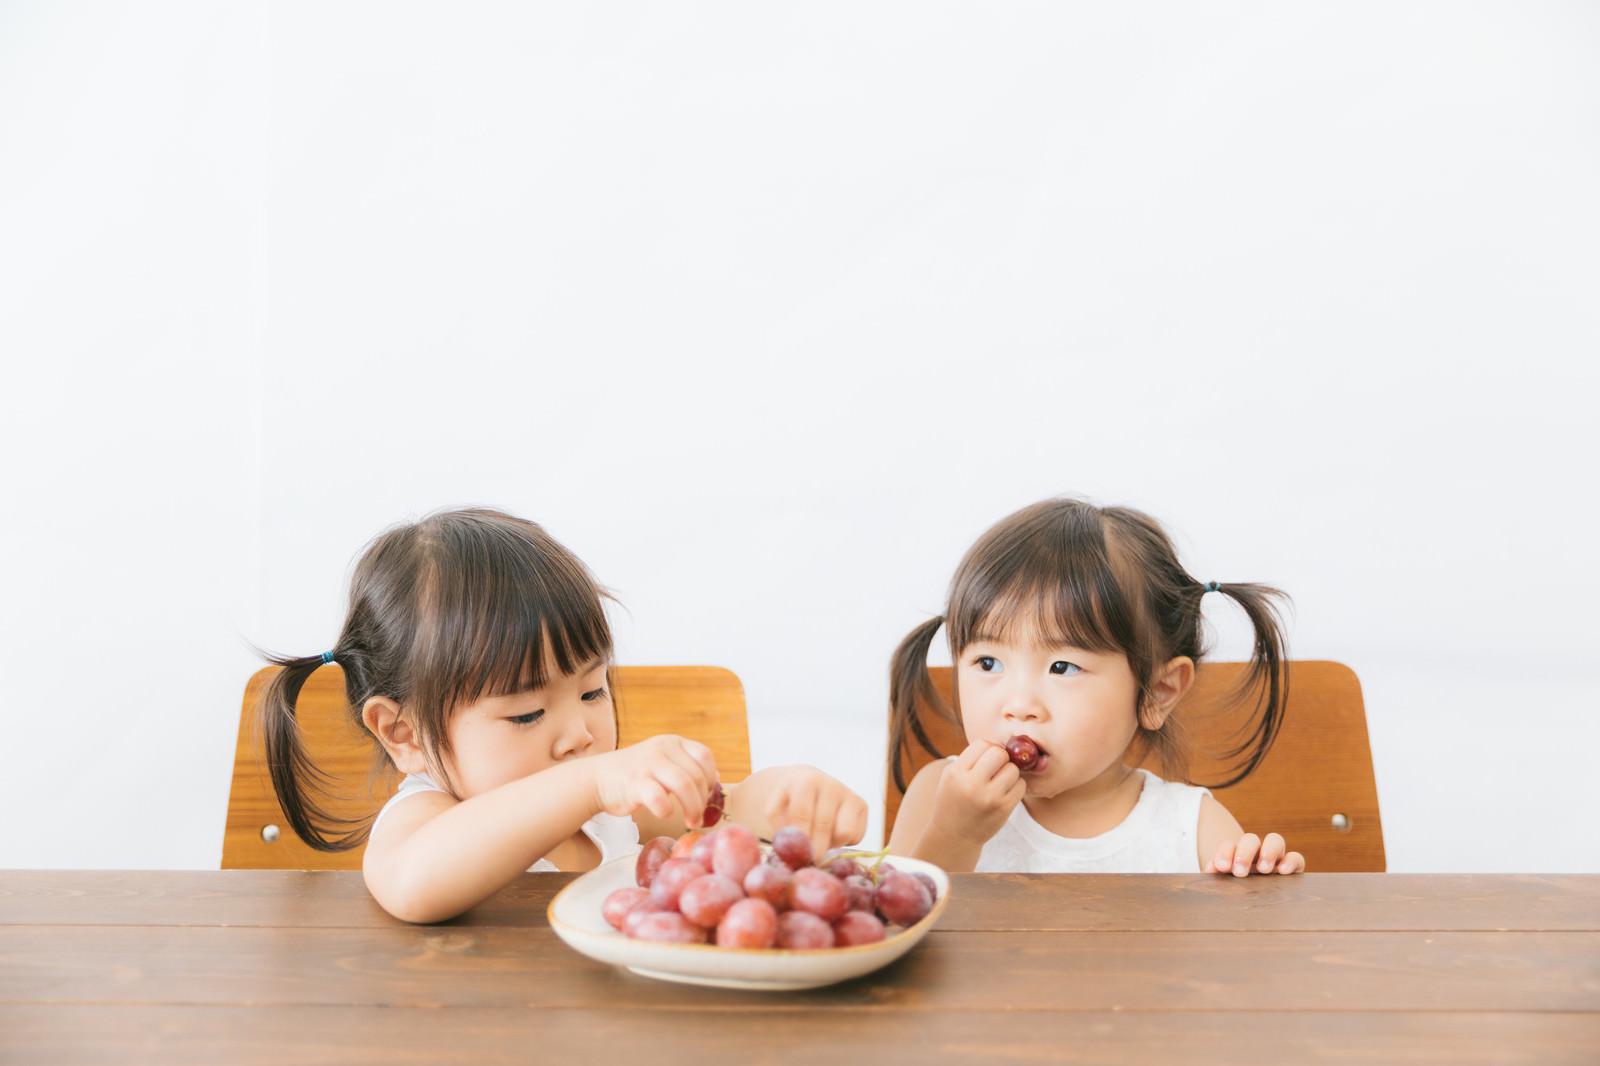 「子供たちのおやつに葡萄を与えてみた子供たちのおやつに葡萄を与えてみた」[モデル:あおみどり]のフリー写真素材を拡大